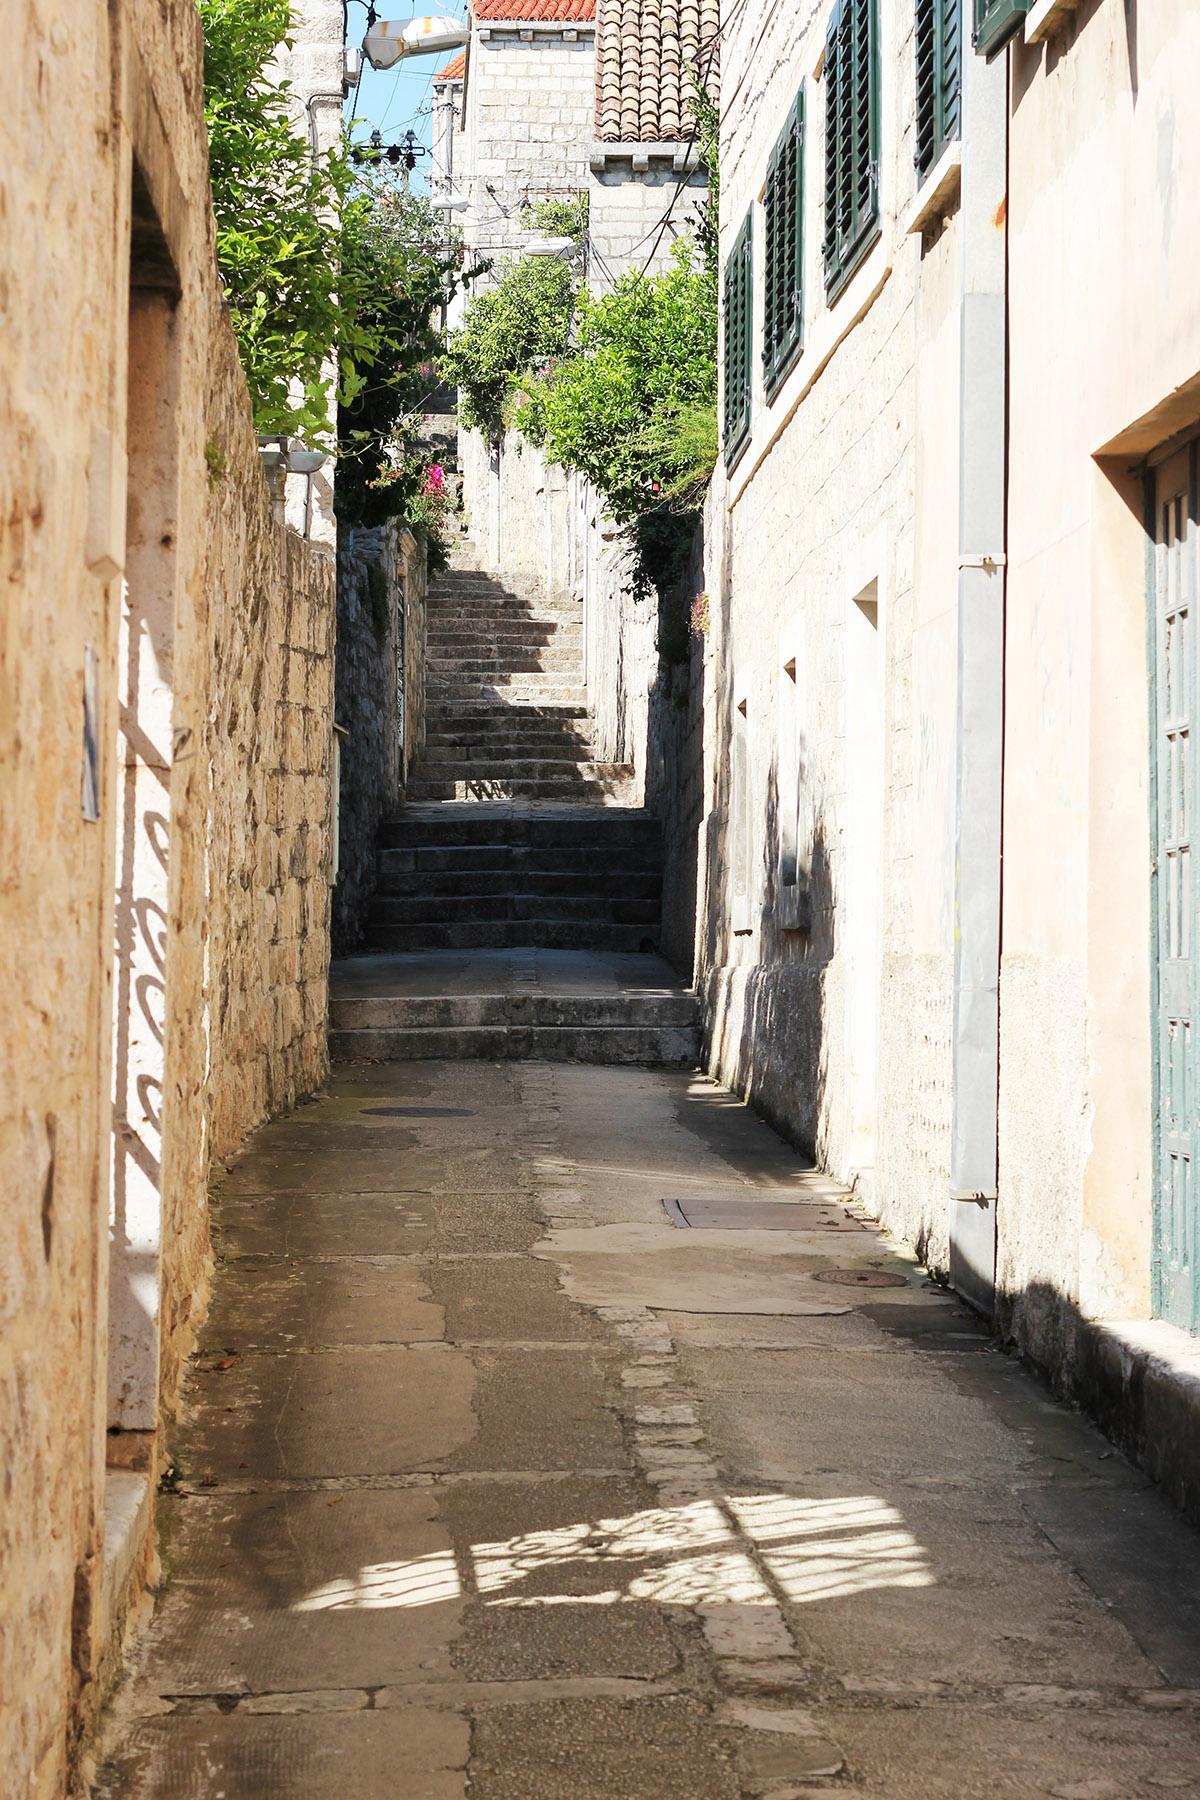 ulica dubrovnik go dubrovnik